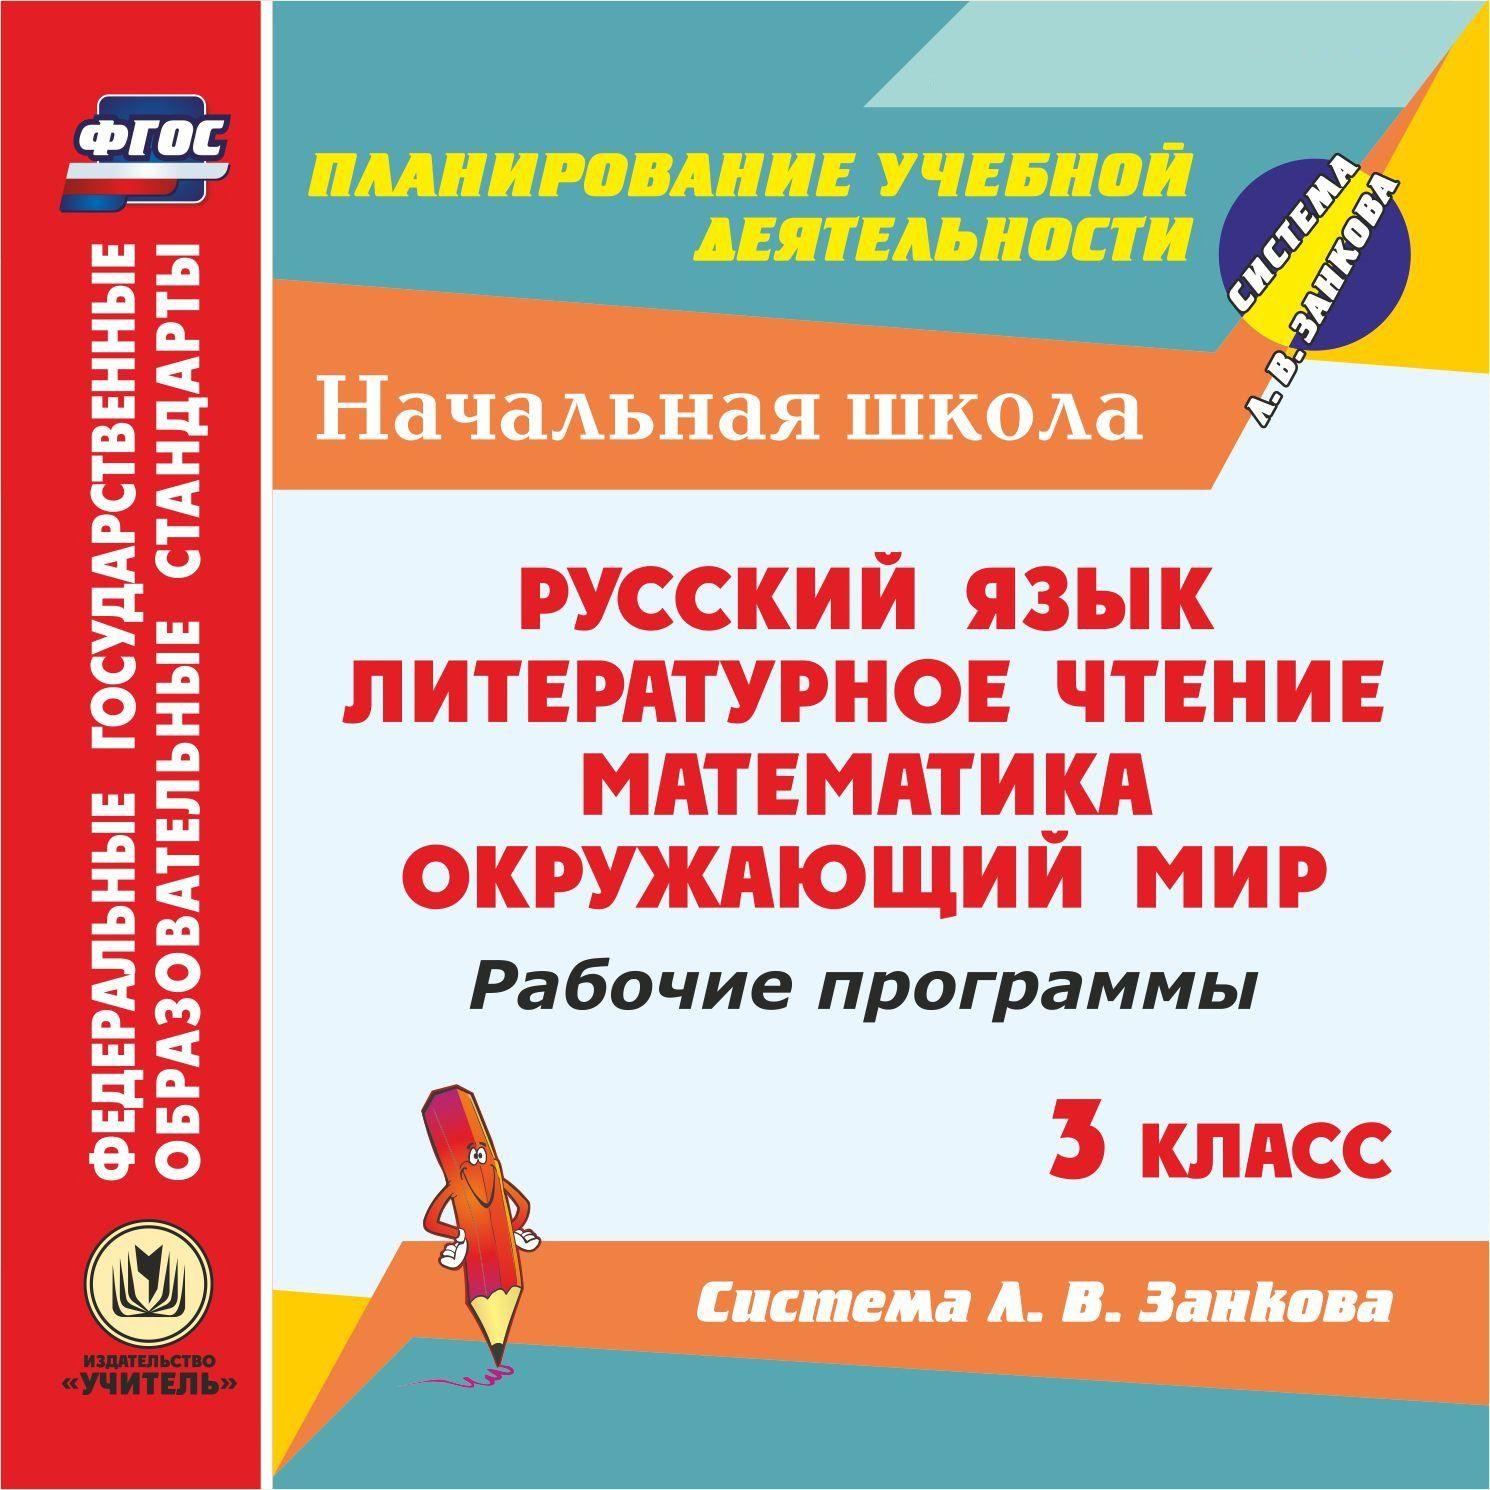 Рабочие программы. Система Л. В. Занкова. 3 класс: Русский язык. Литературное чтение. Математика. Окружающий мир. Программа для установки через Интернет